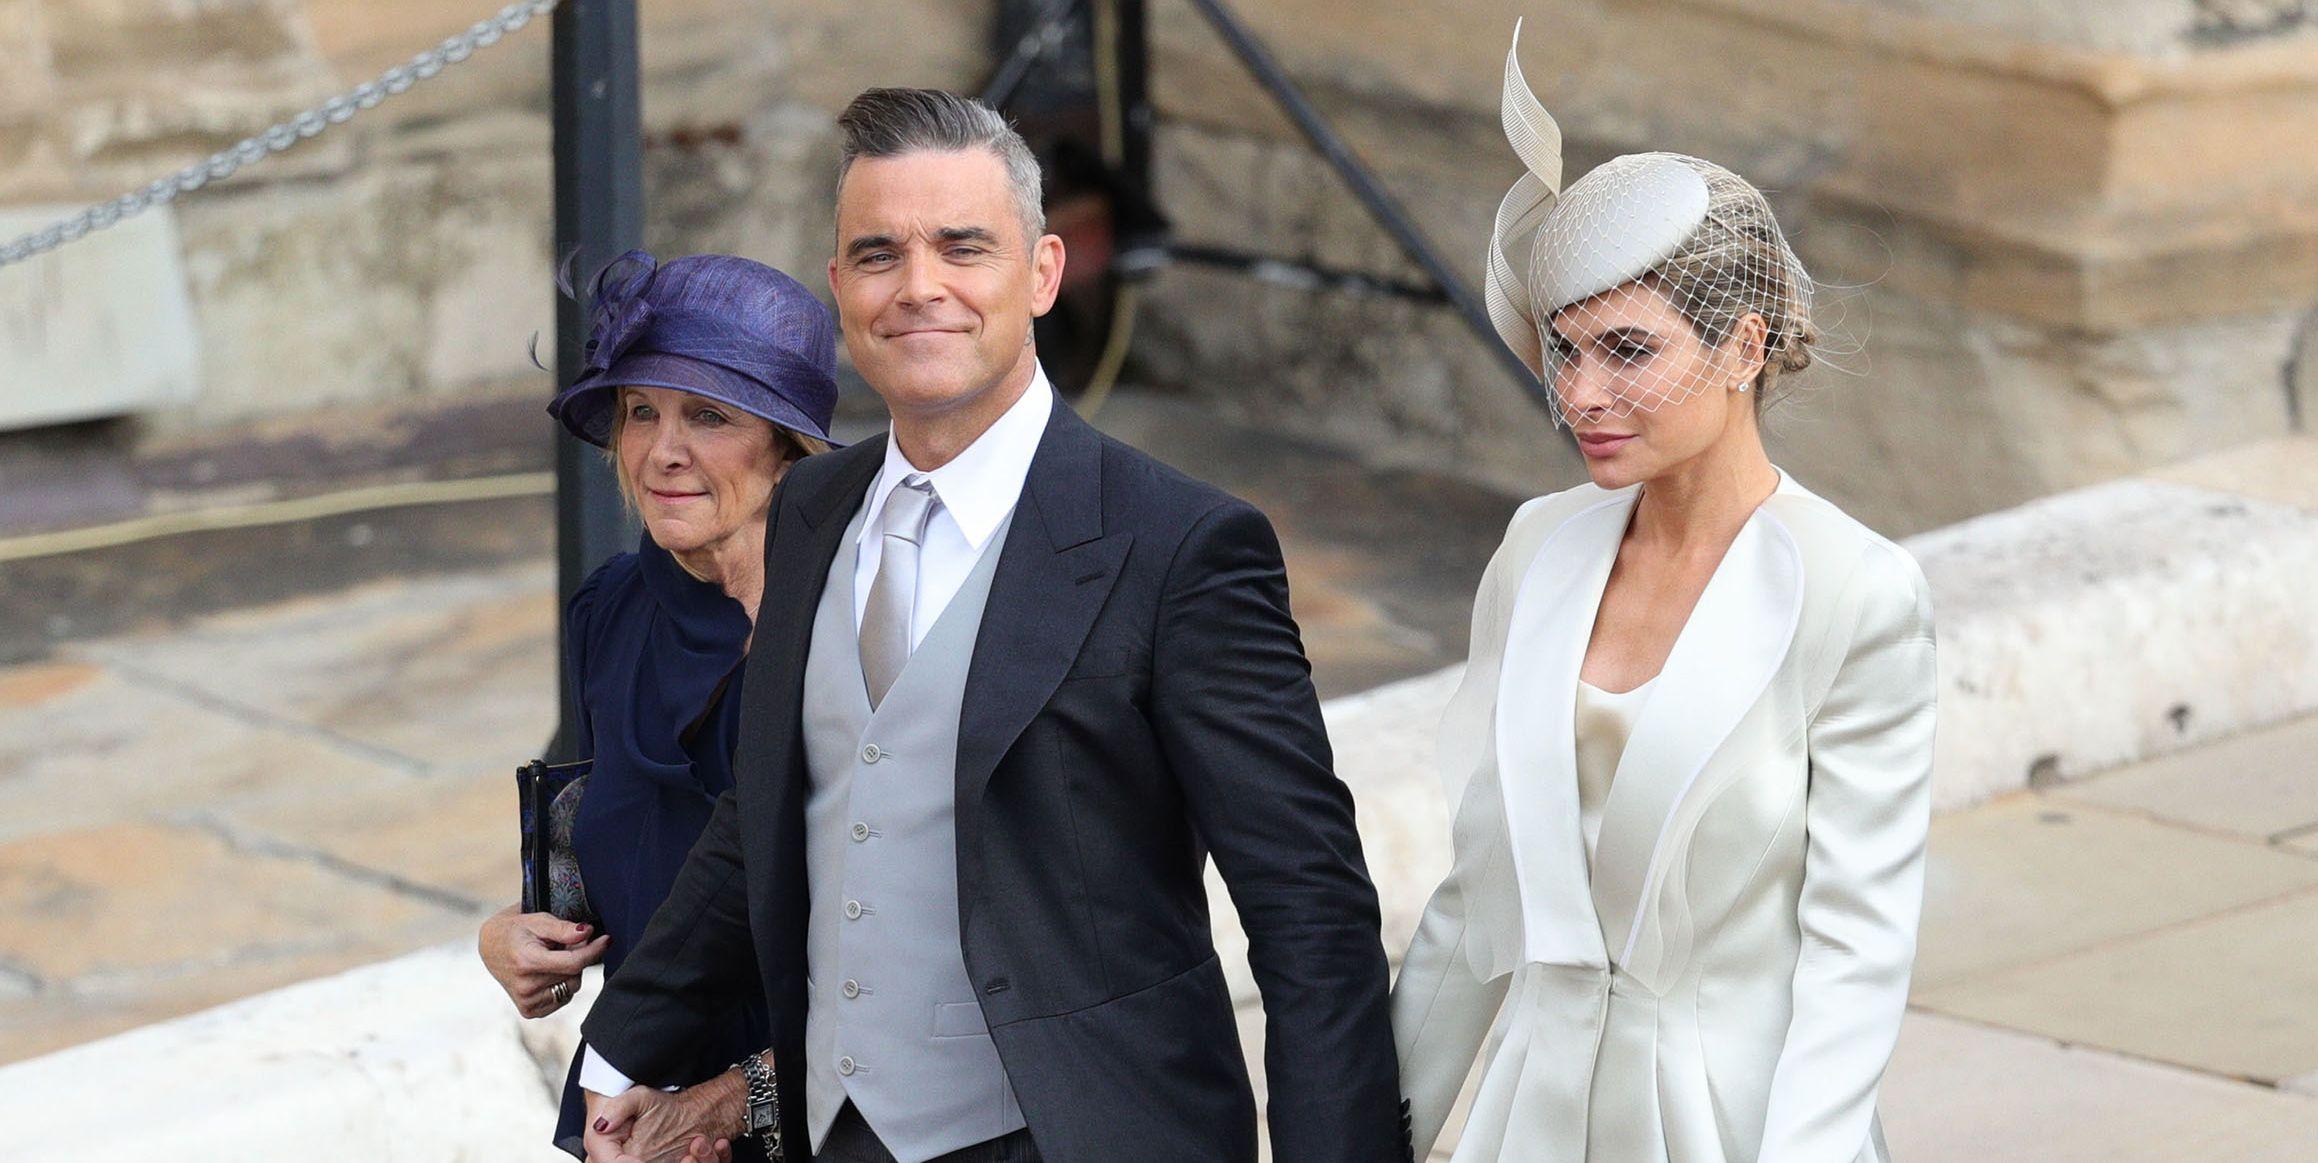 Robbie Williams and Ayda Field royal wedding